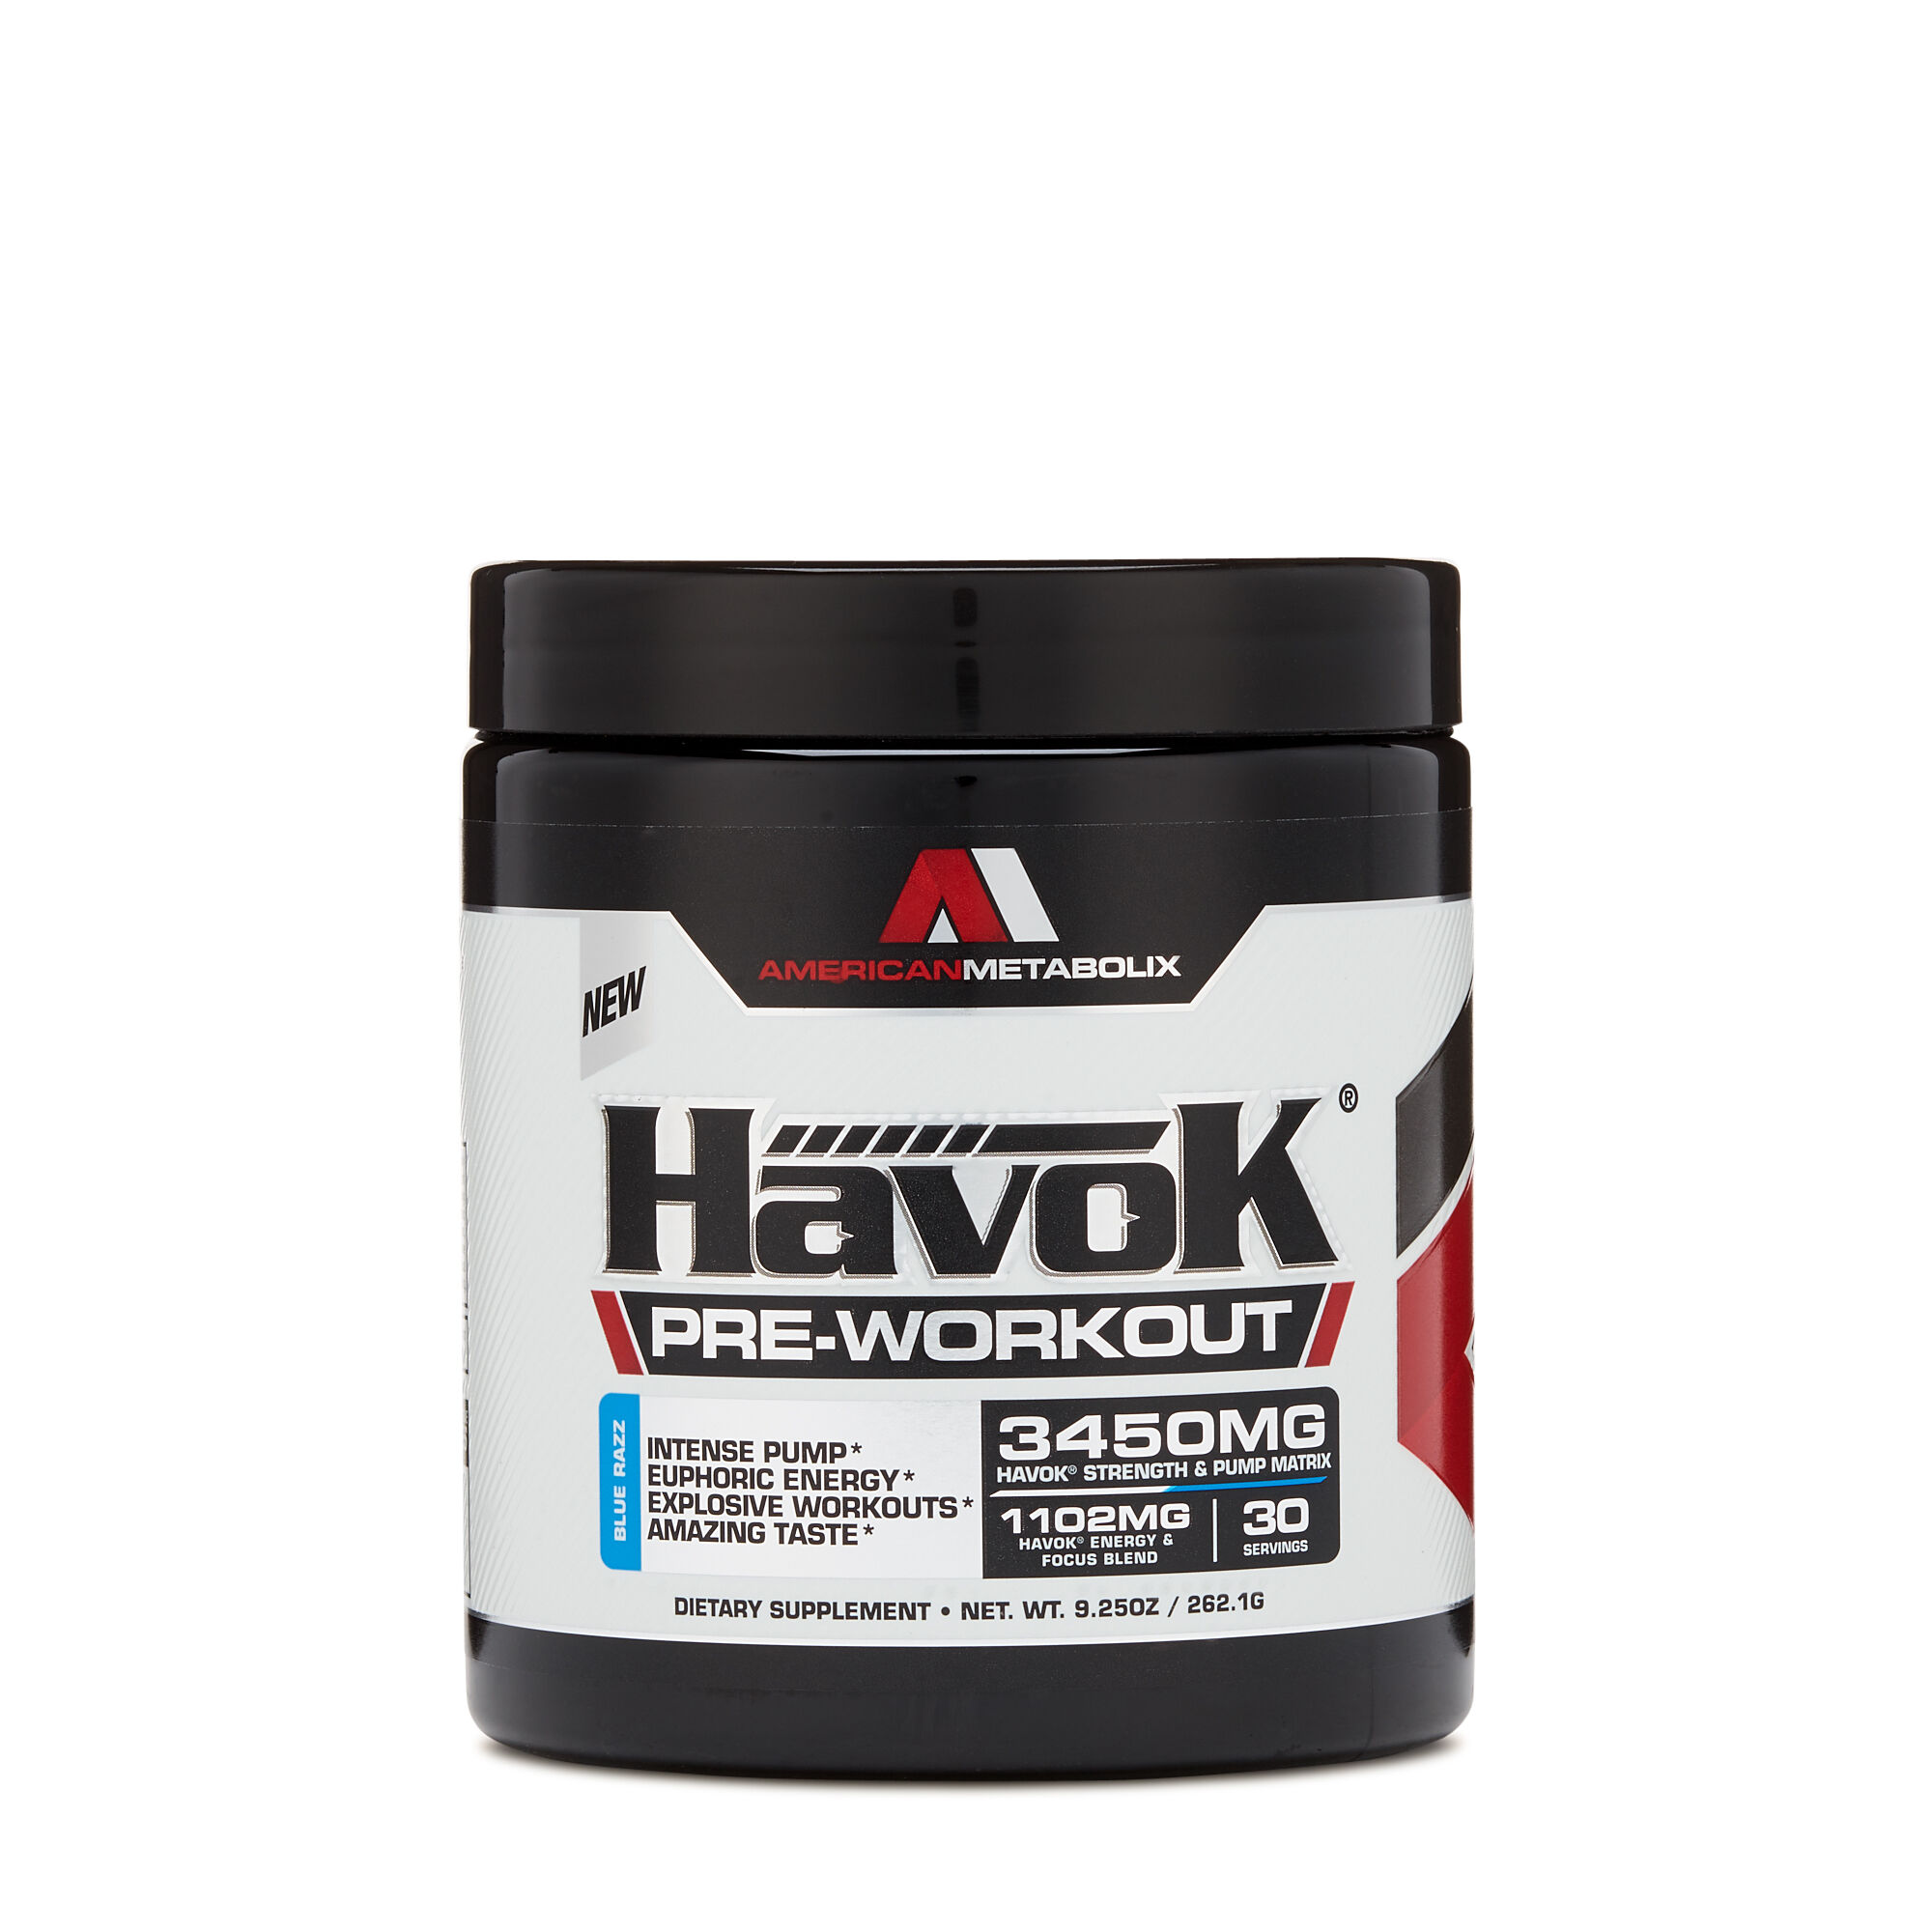 Havok Reg Pre Workout Blue Razzblue Razz Gnc